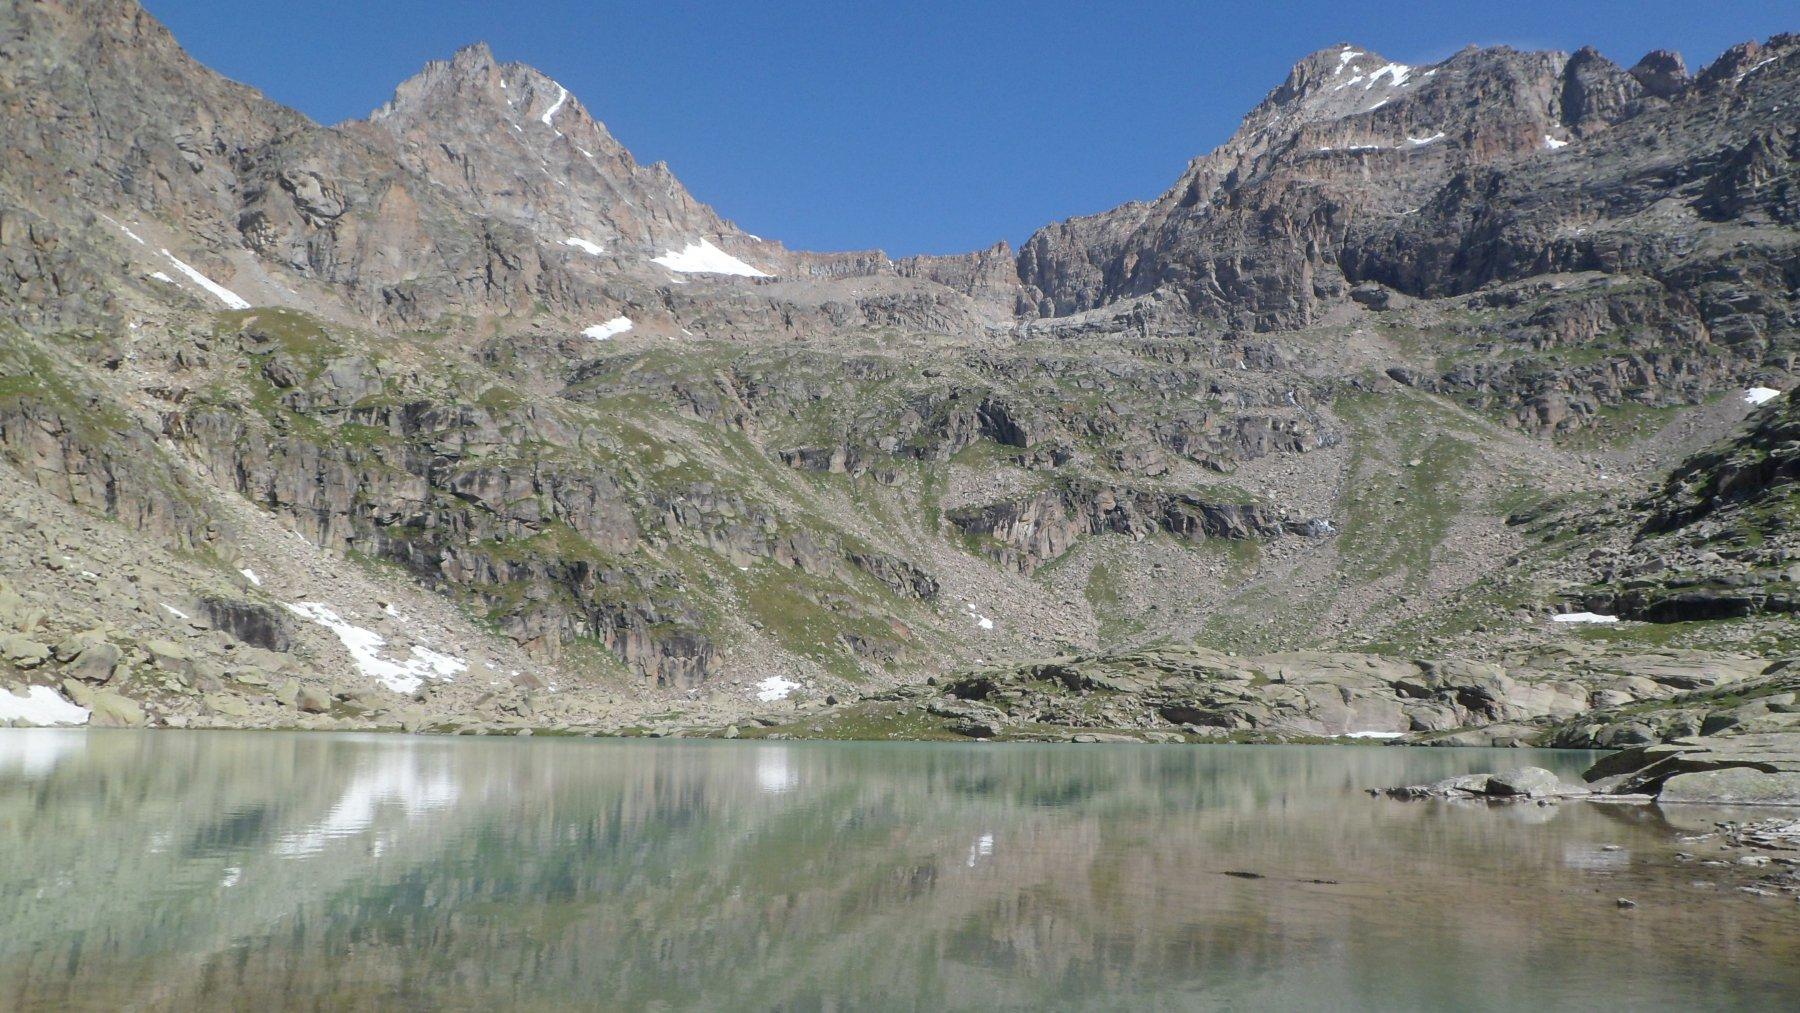 Il lago di Ciamousseretto inferiore, il Ciarforon e la Tresenta